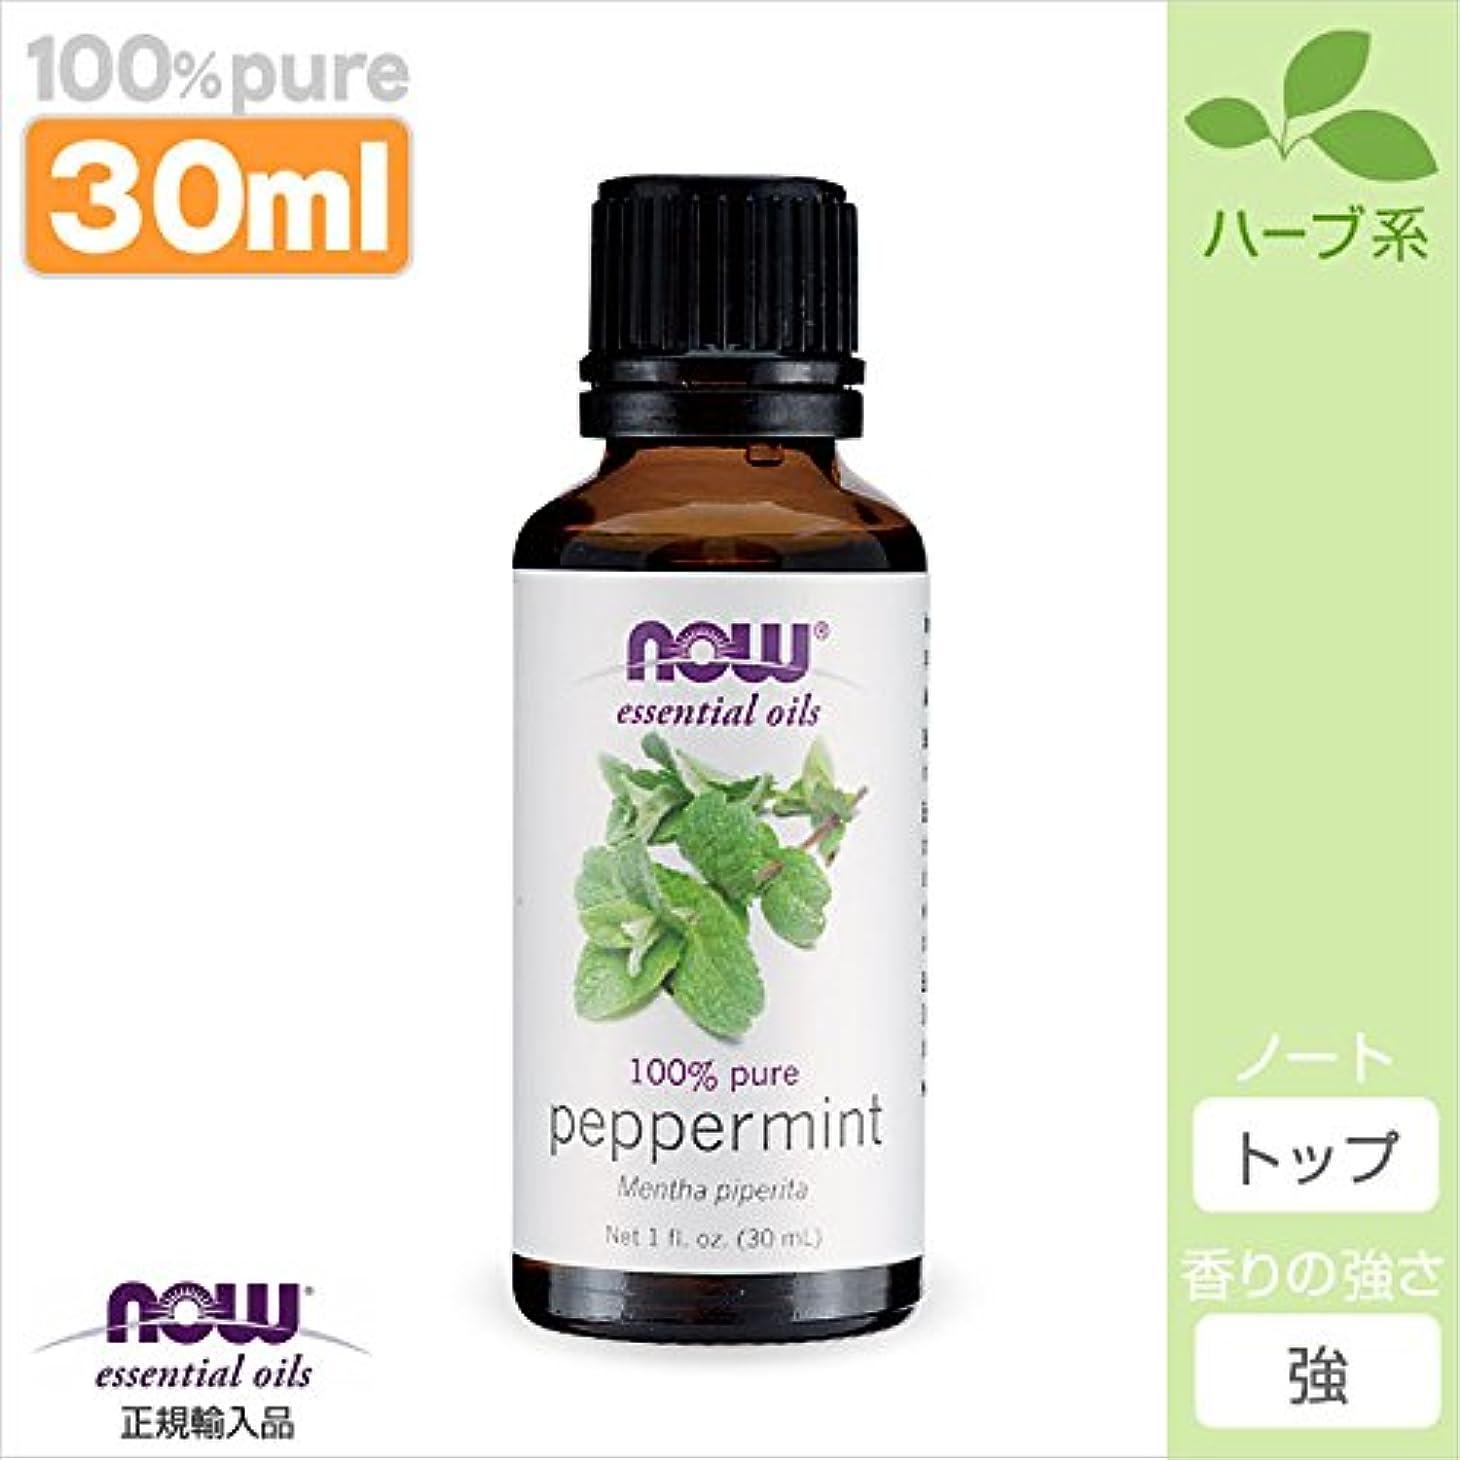 含む小康情緒的ペパーミント精油[30ml] 【正規輸入品】 NOWエッセンシャルオイル(アロマオイル)